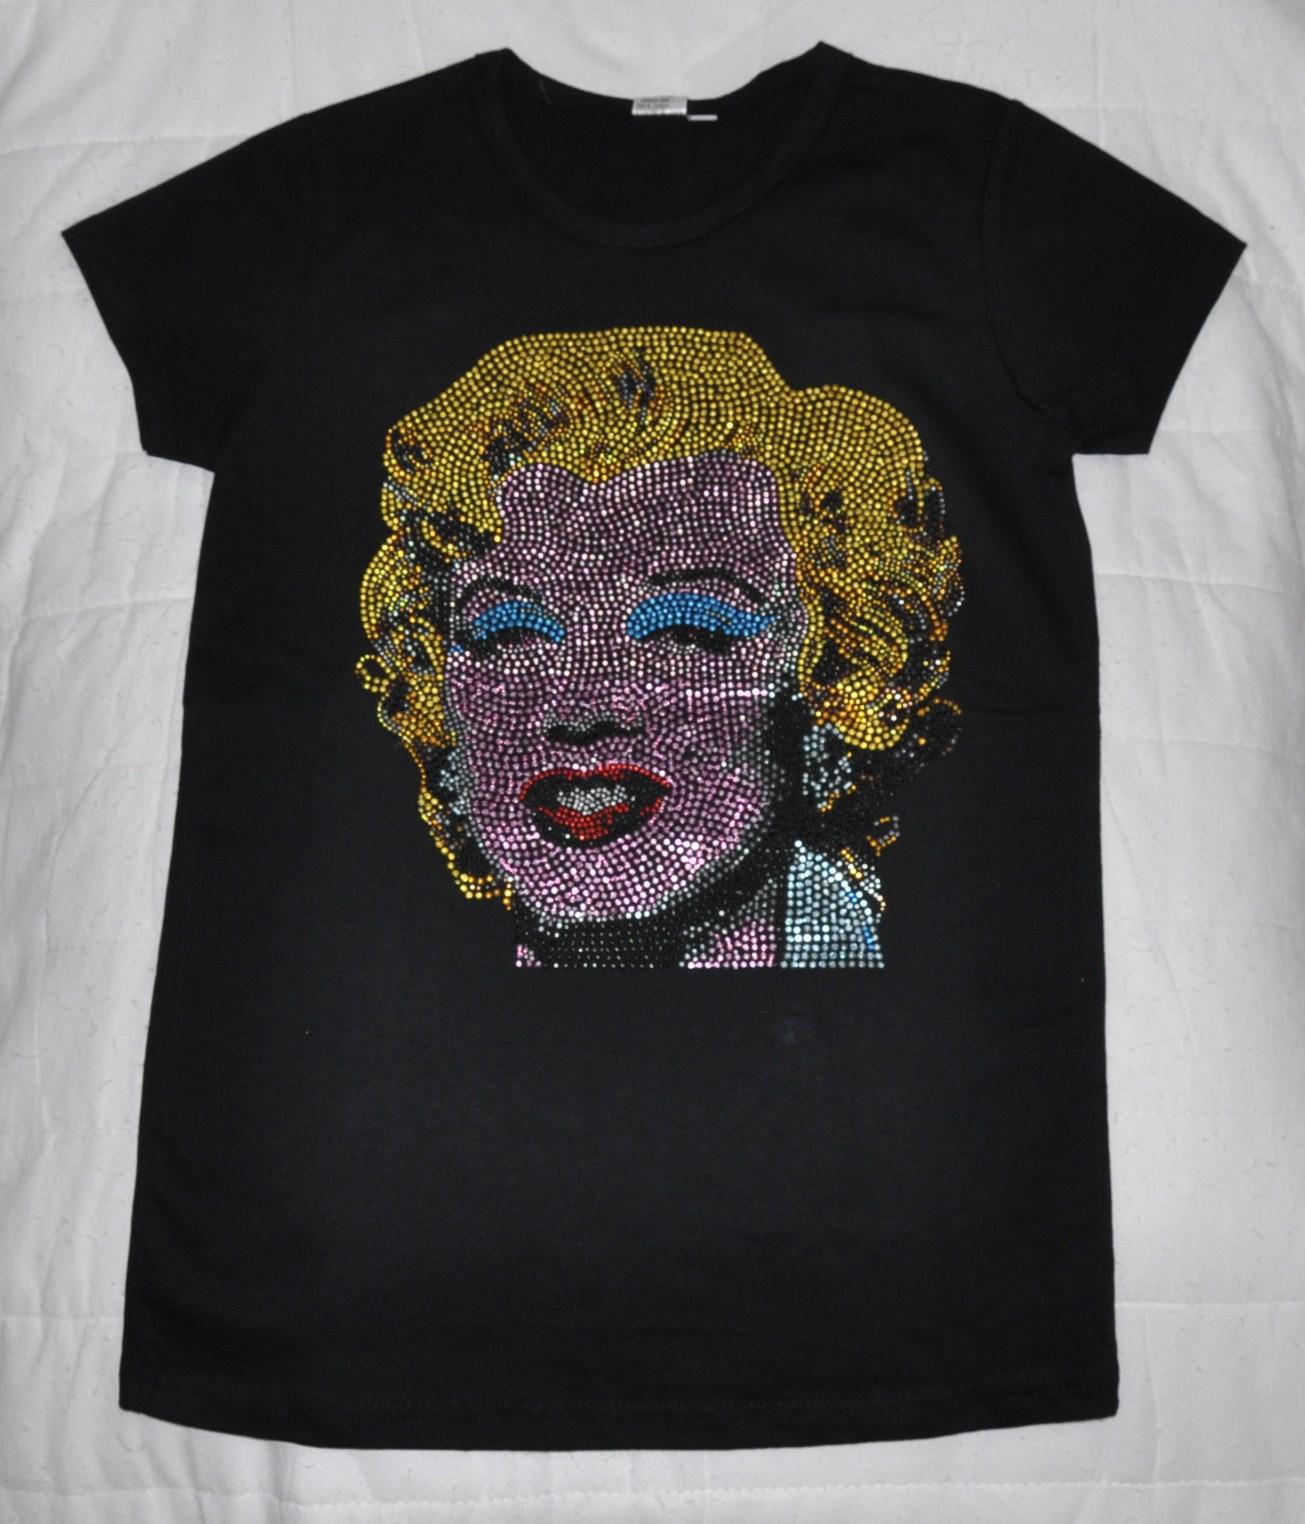 http://3.bp.blogspot.com/_k47s0_ibR6Y/S7yFIn32vQI/AAAAAAAAAUY/LkCFQ1rSUAU/s1600/Marilyn+Monroe.JPG